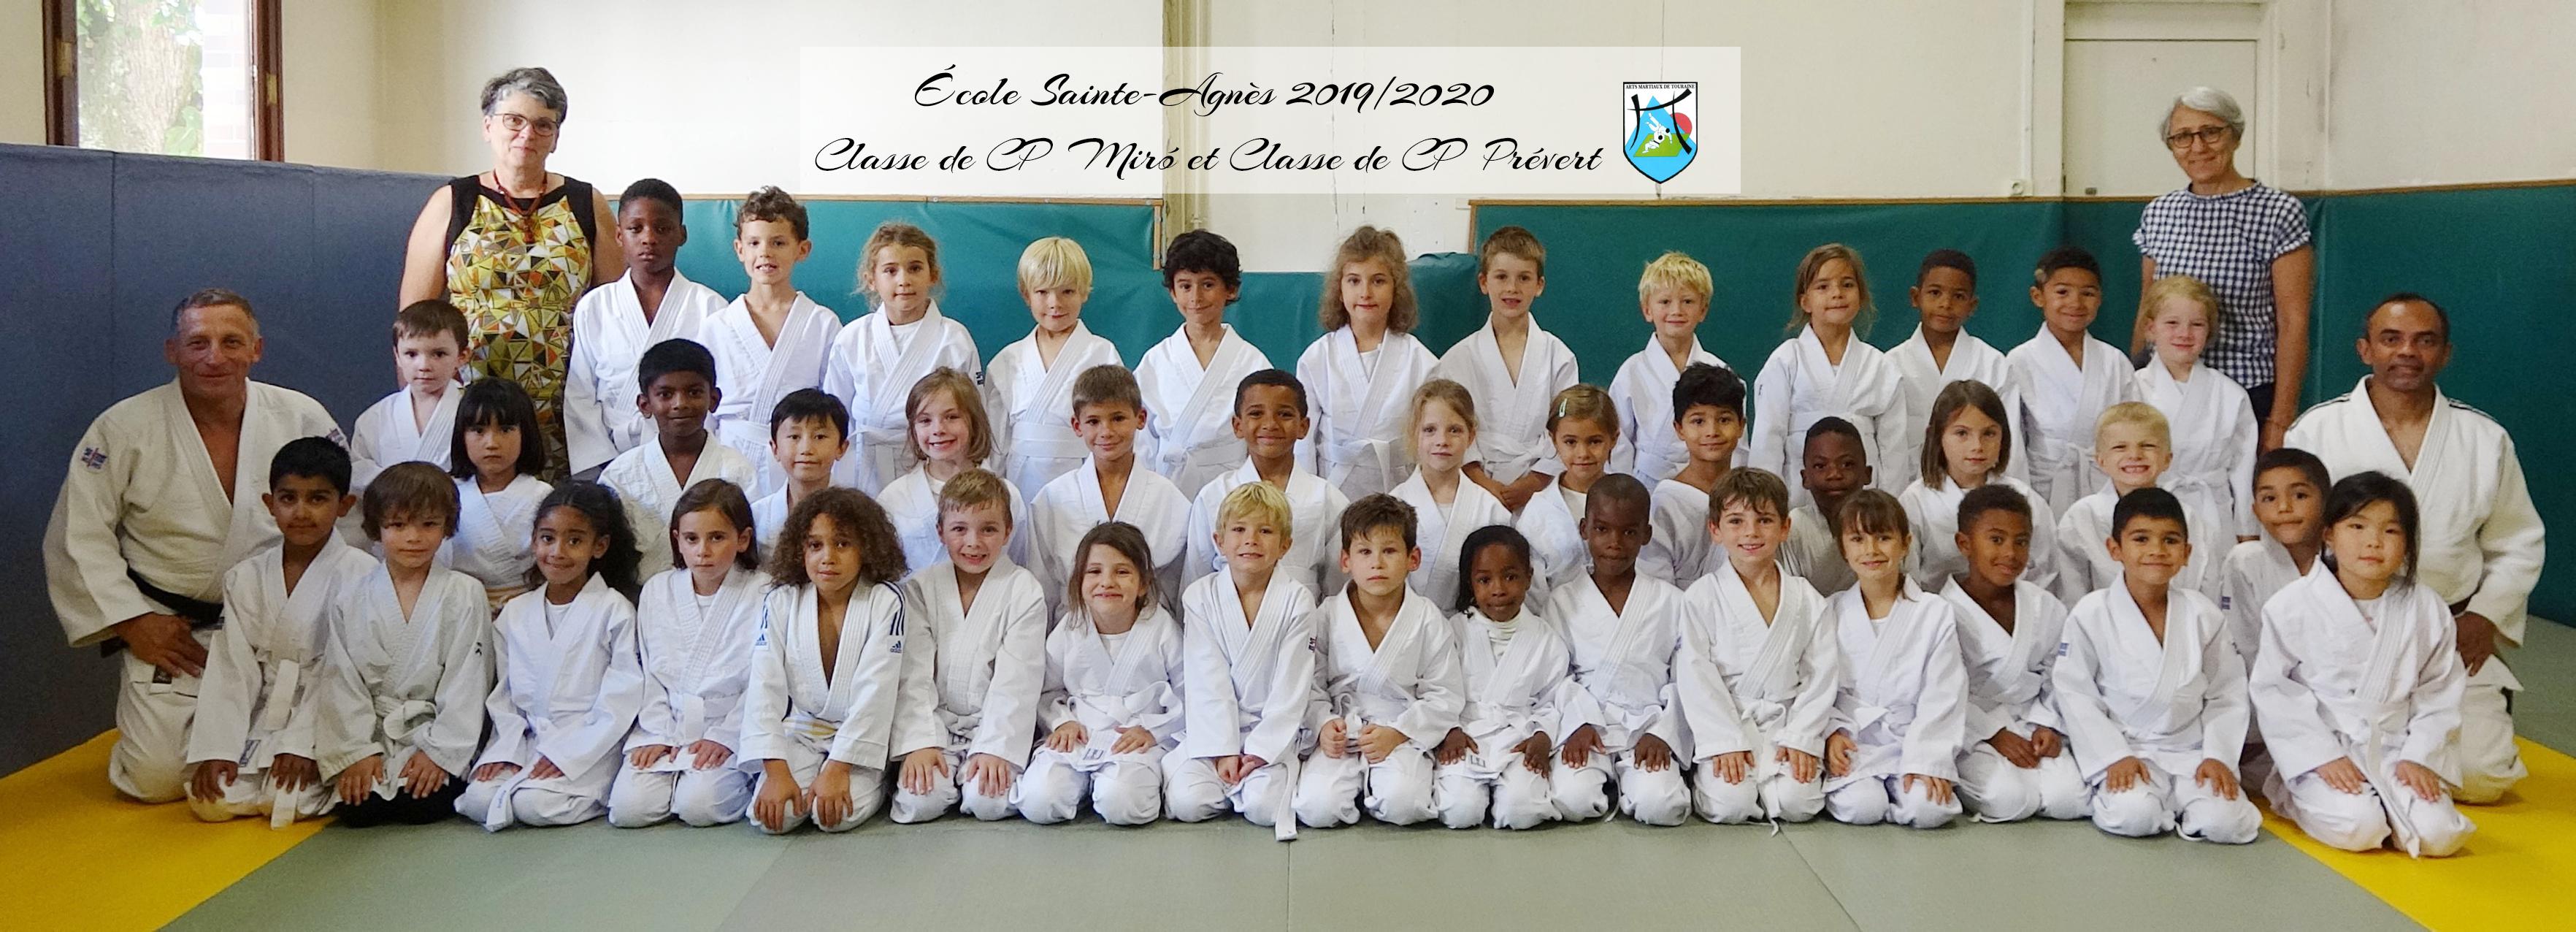 École Sainte-Agnès